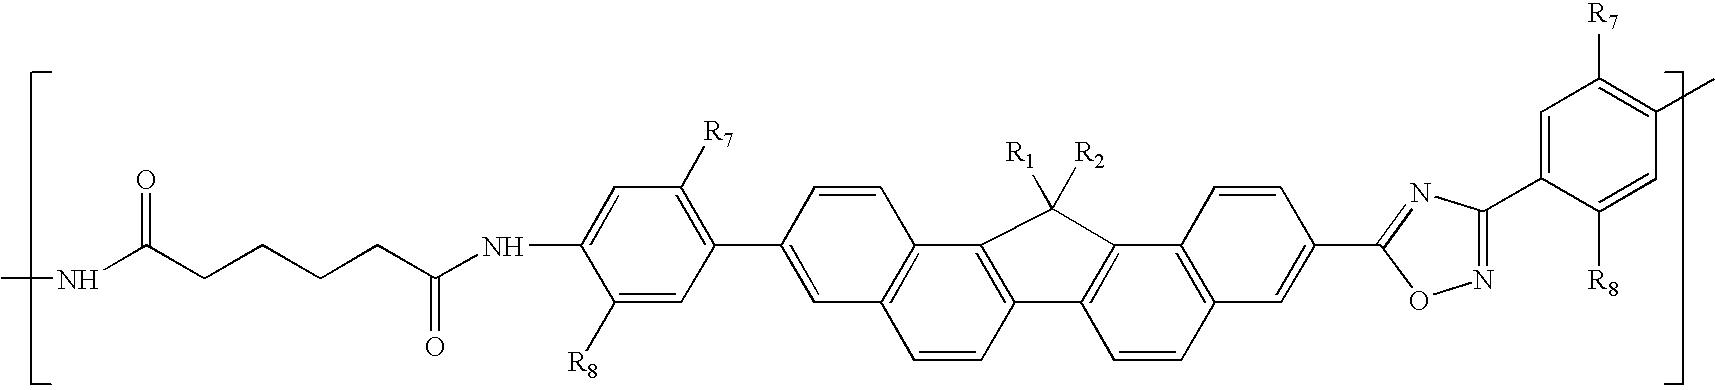 Figure US06849348-20050201-C00099